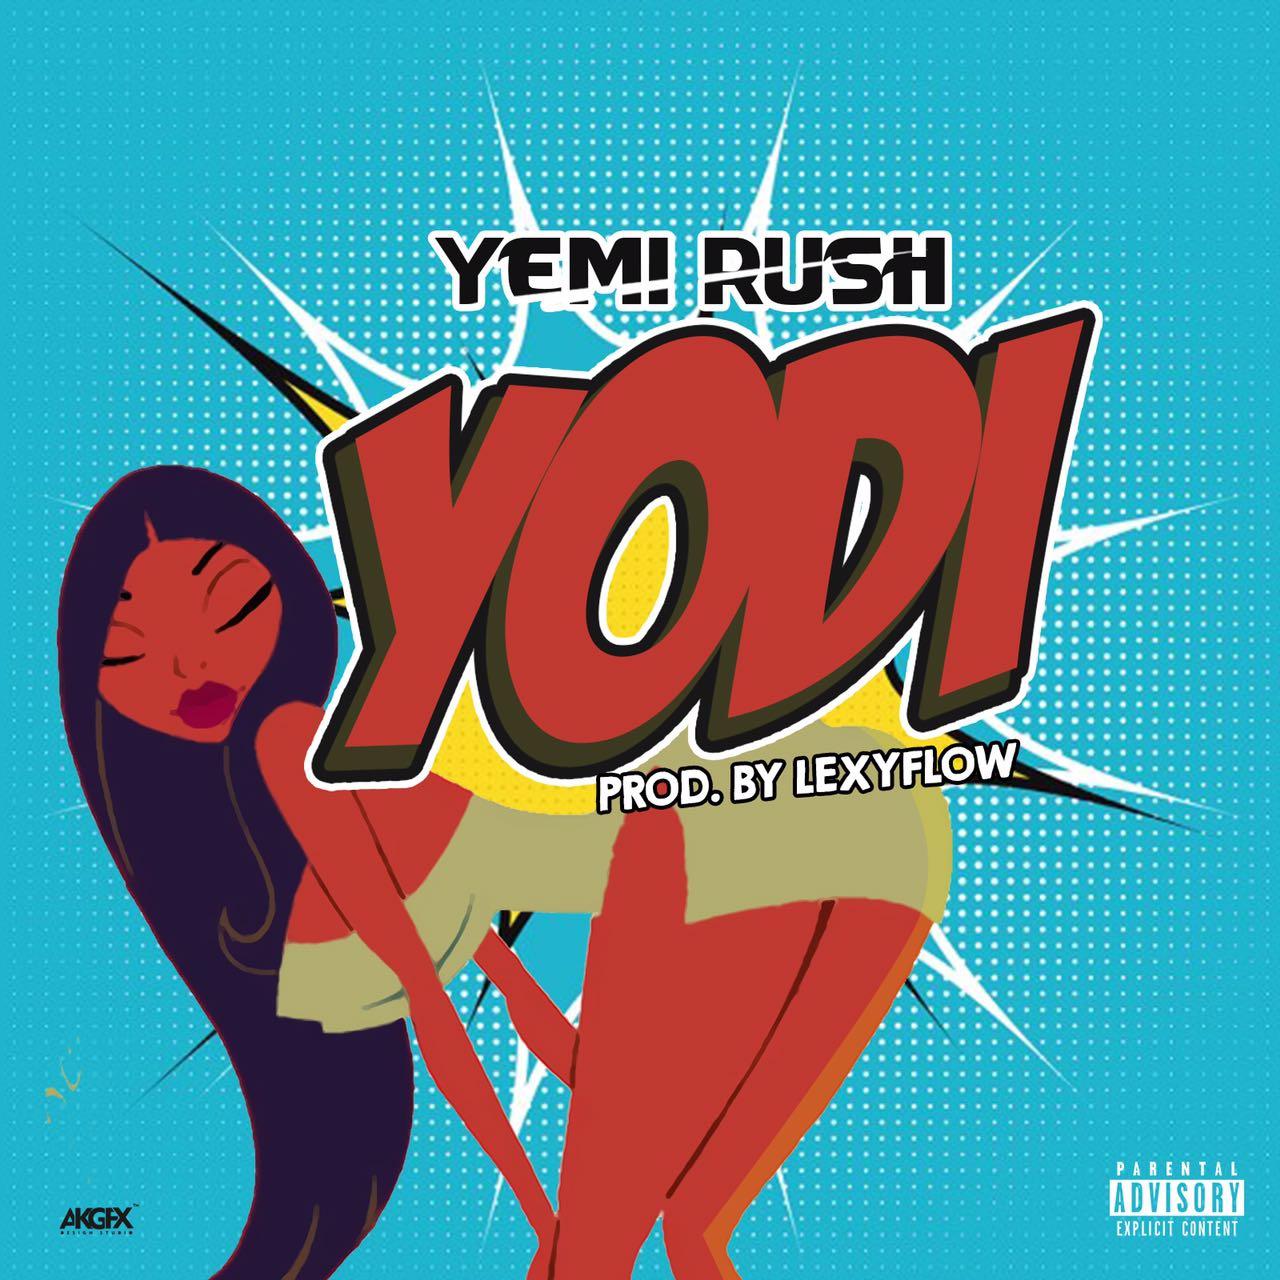 Yemi Rush - Yodi